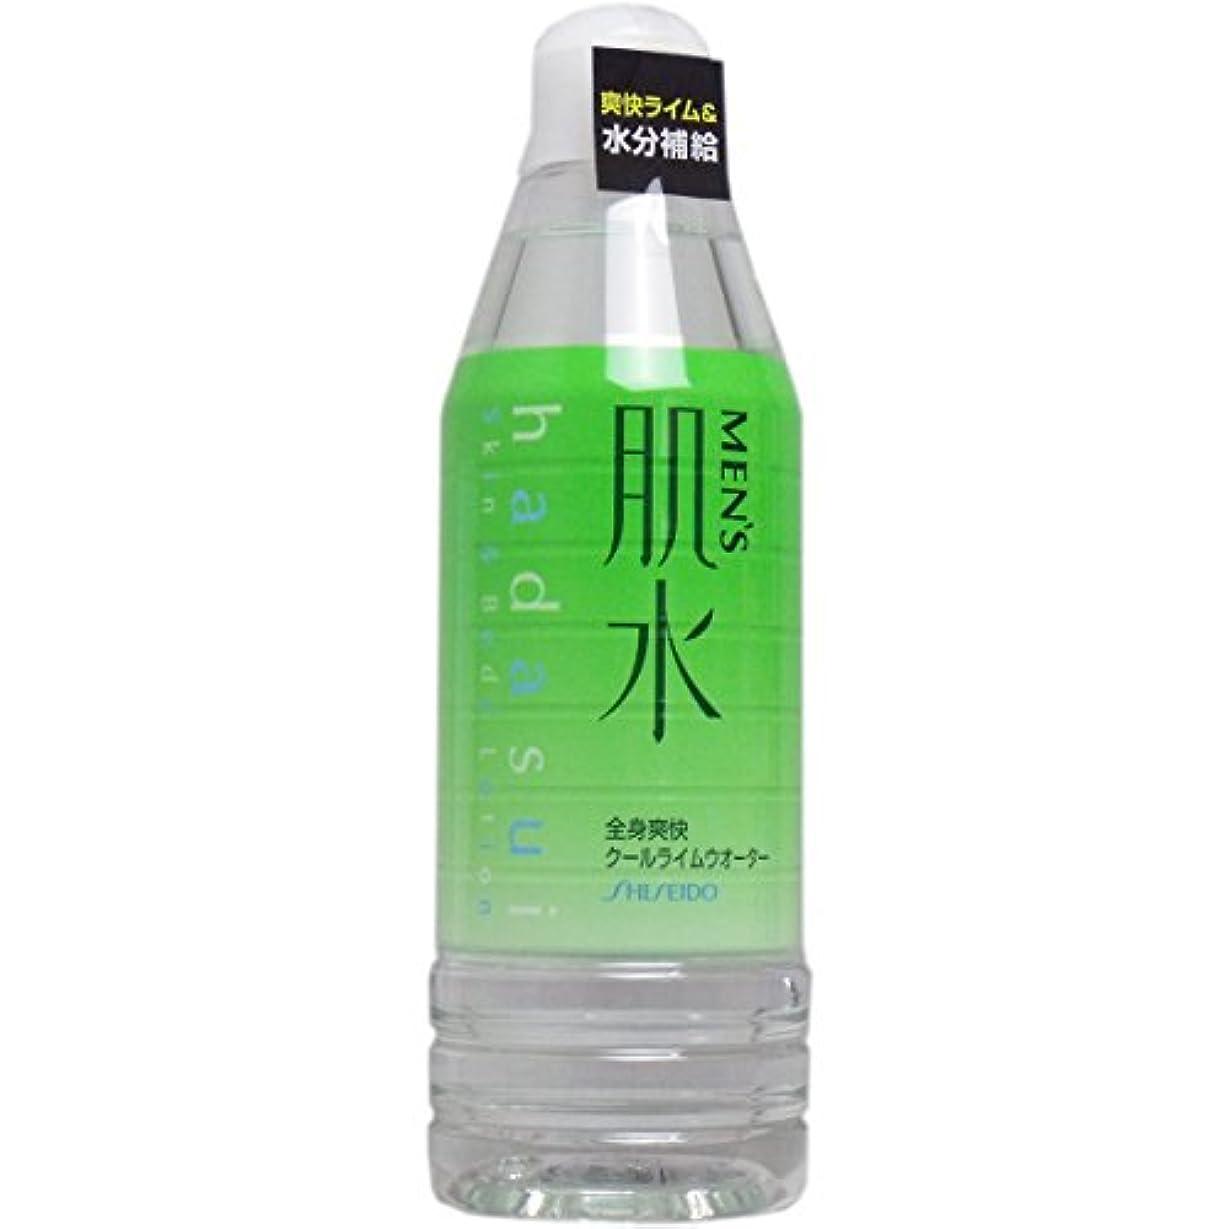 メイエラポンプ輸送【まとめ買い】メンズ肌水ボトル 400ML ×2セット